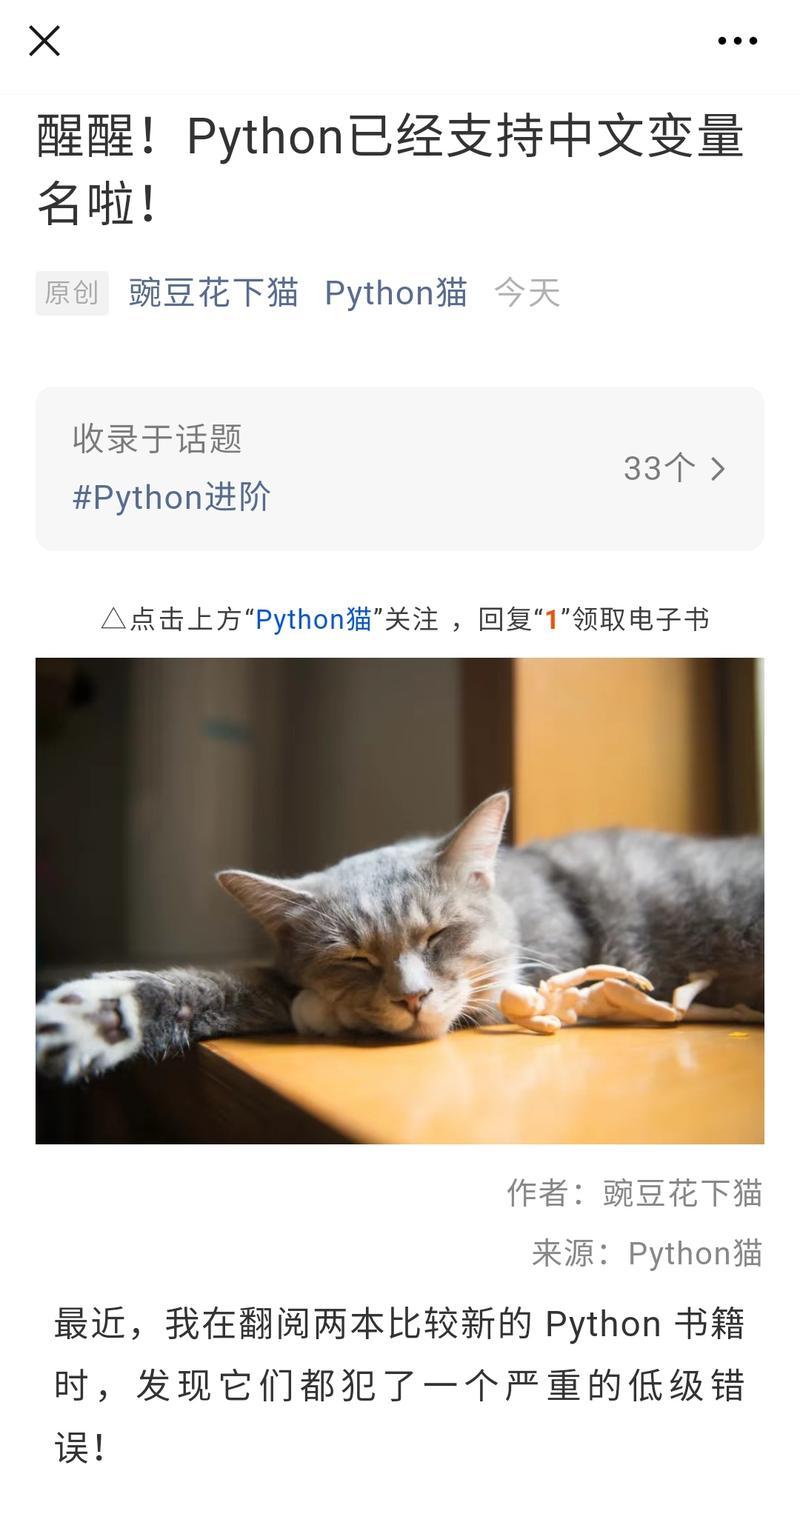 豌豆花下猫于2021-01-13 18:17发布的图片